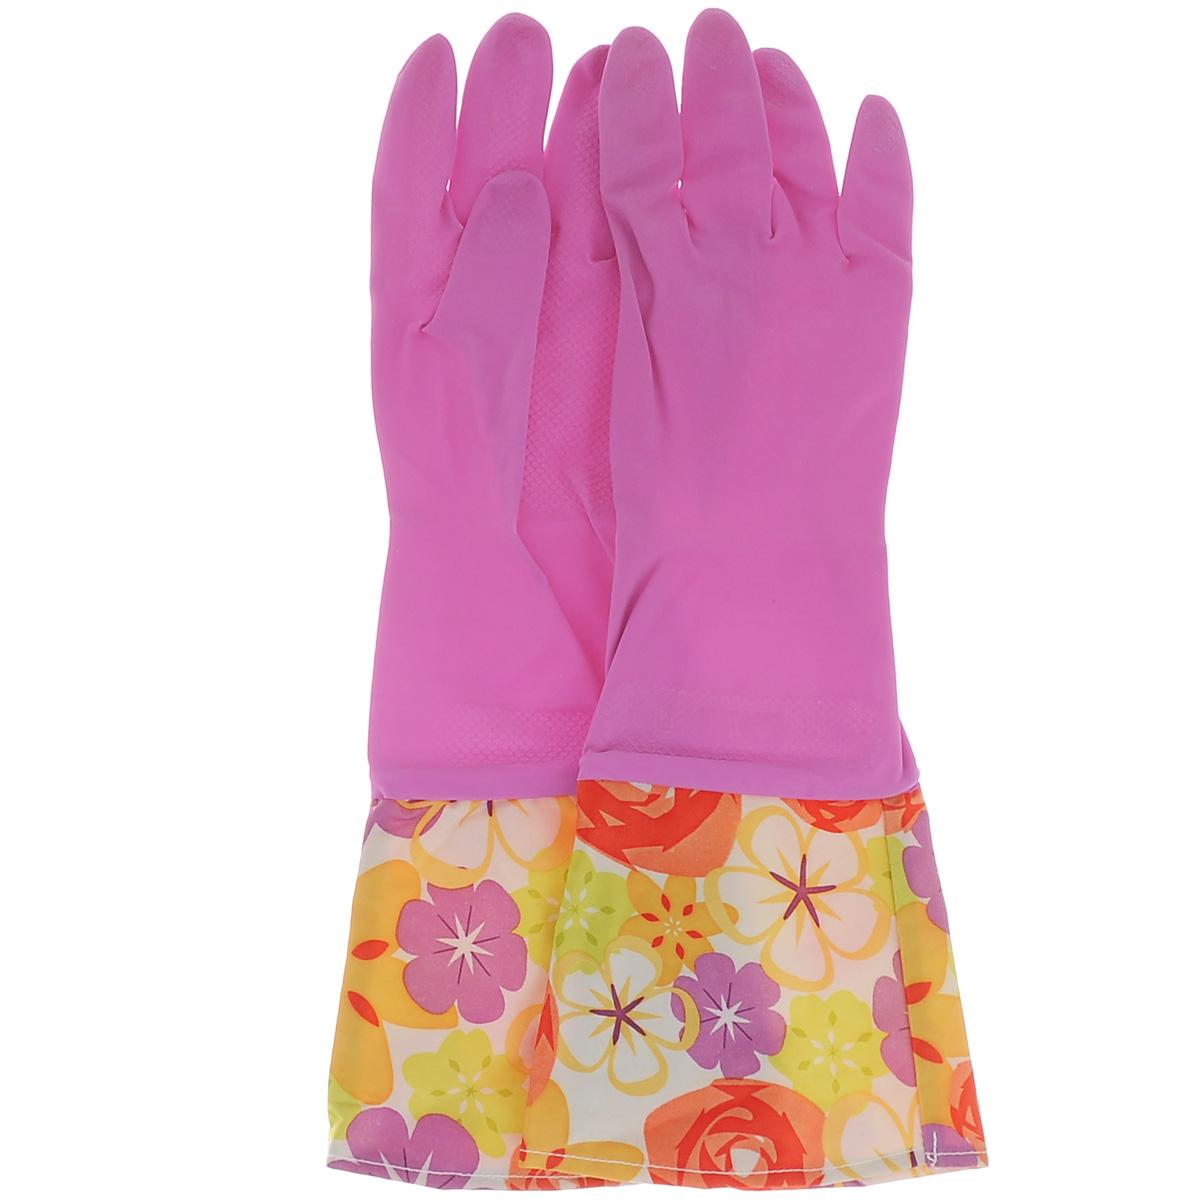 Перчатки хозяйственные Celesta, с удлиненными манжетами, цвет: розовый. Размер S58159Перчатки Celesta незаменимы при различных хозяйственных работах. Внутреннее хлопковое покрытие обеспечивает комфорт рукам и защищает от раздражений. Высокие манжеты препятствуют попаданию воды и грязи. Благодаря рифленой поверхности удобно удерживать мокрые предметы.Уважаемые клиенты!Обращаем ваше внимание на возможные цветовые варьирования в манжете. Поставка возможна в зависимости от наличия на складе.